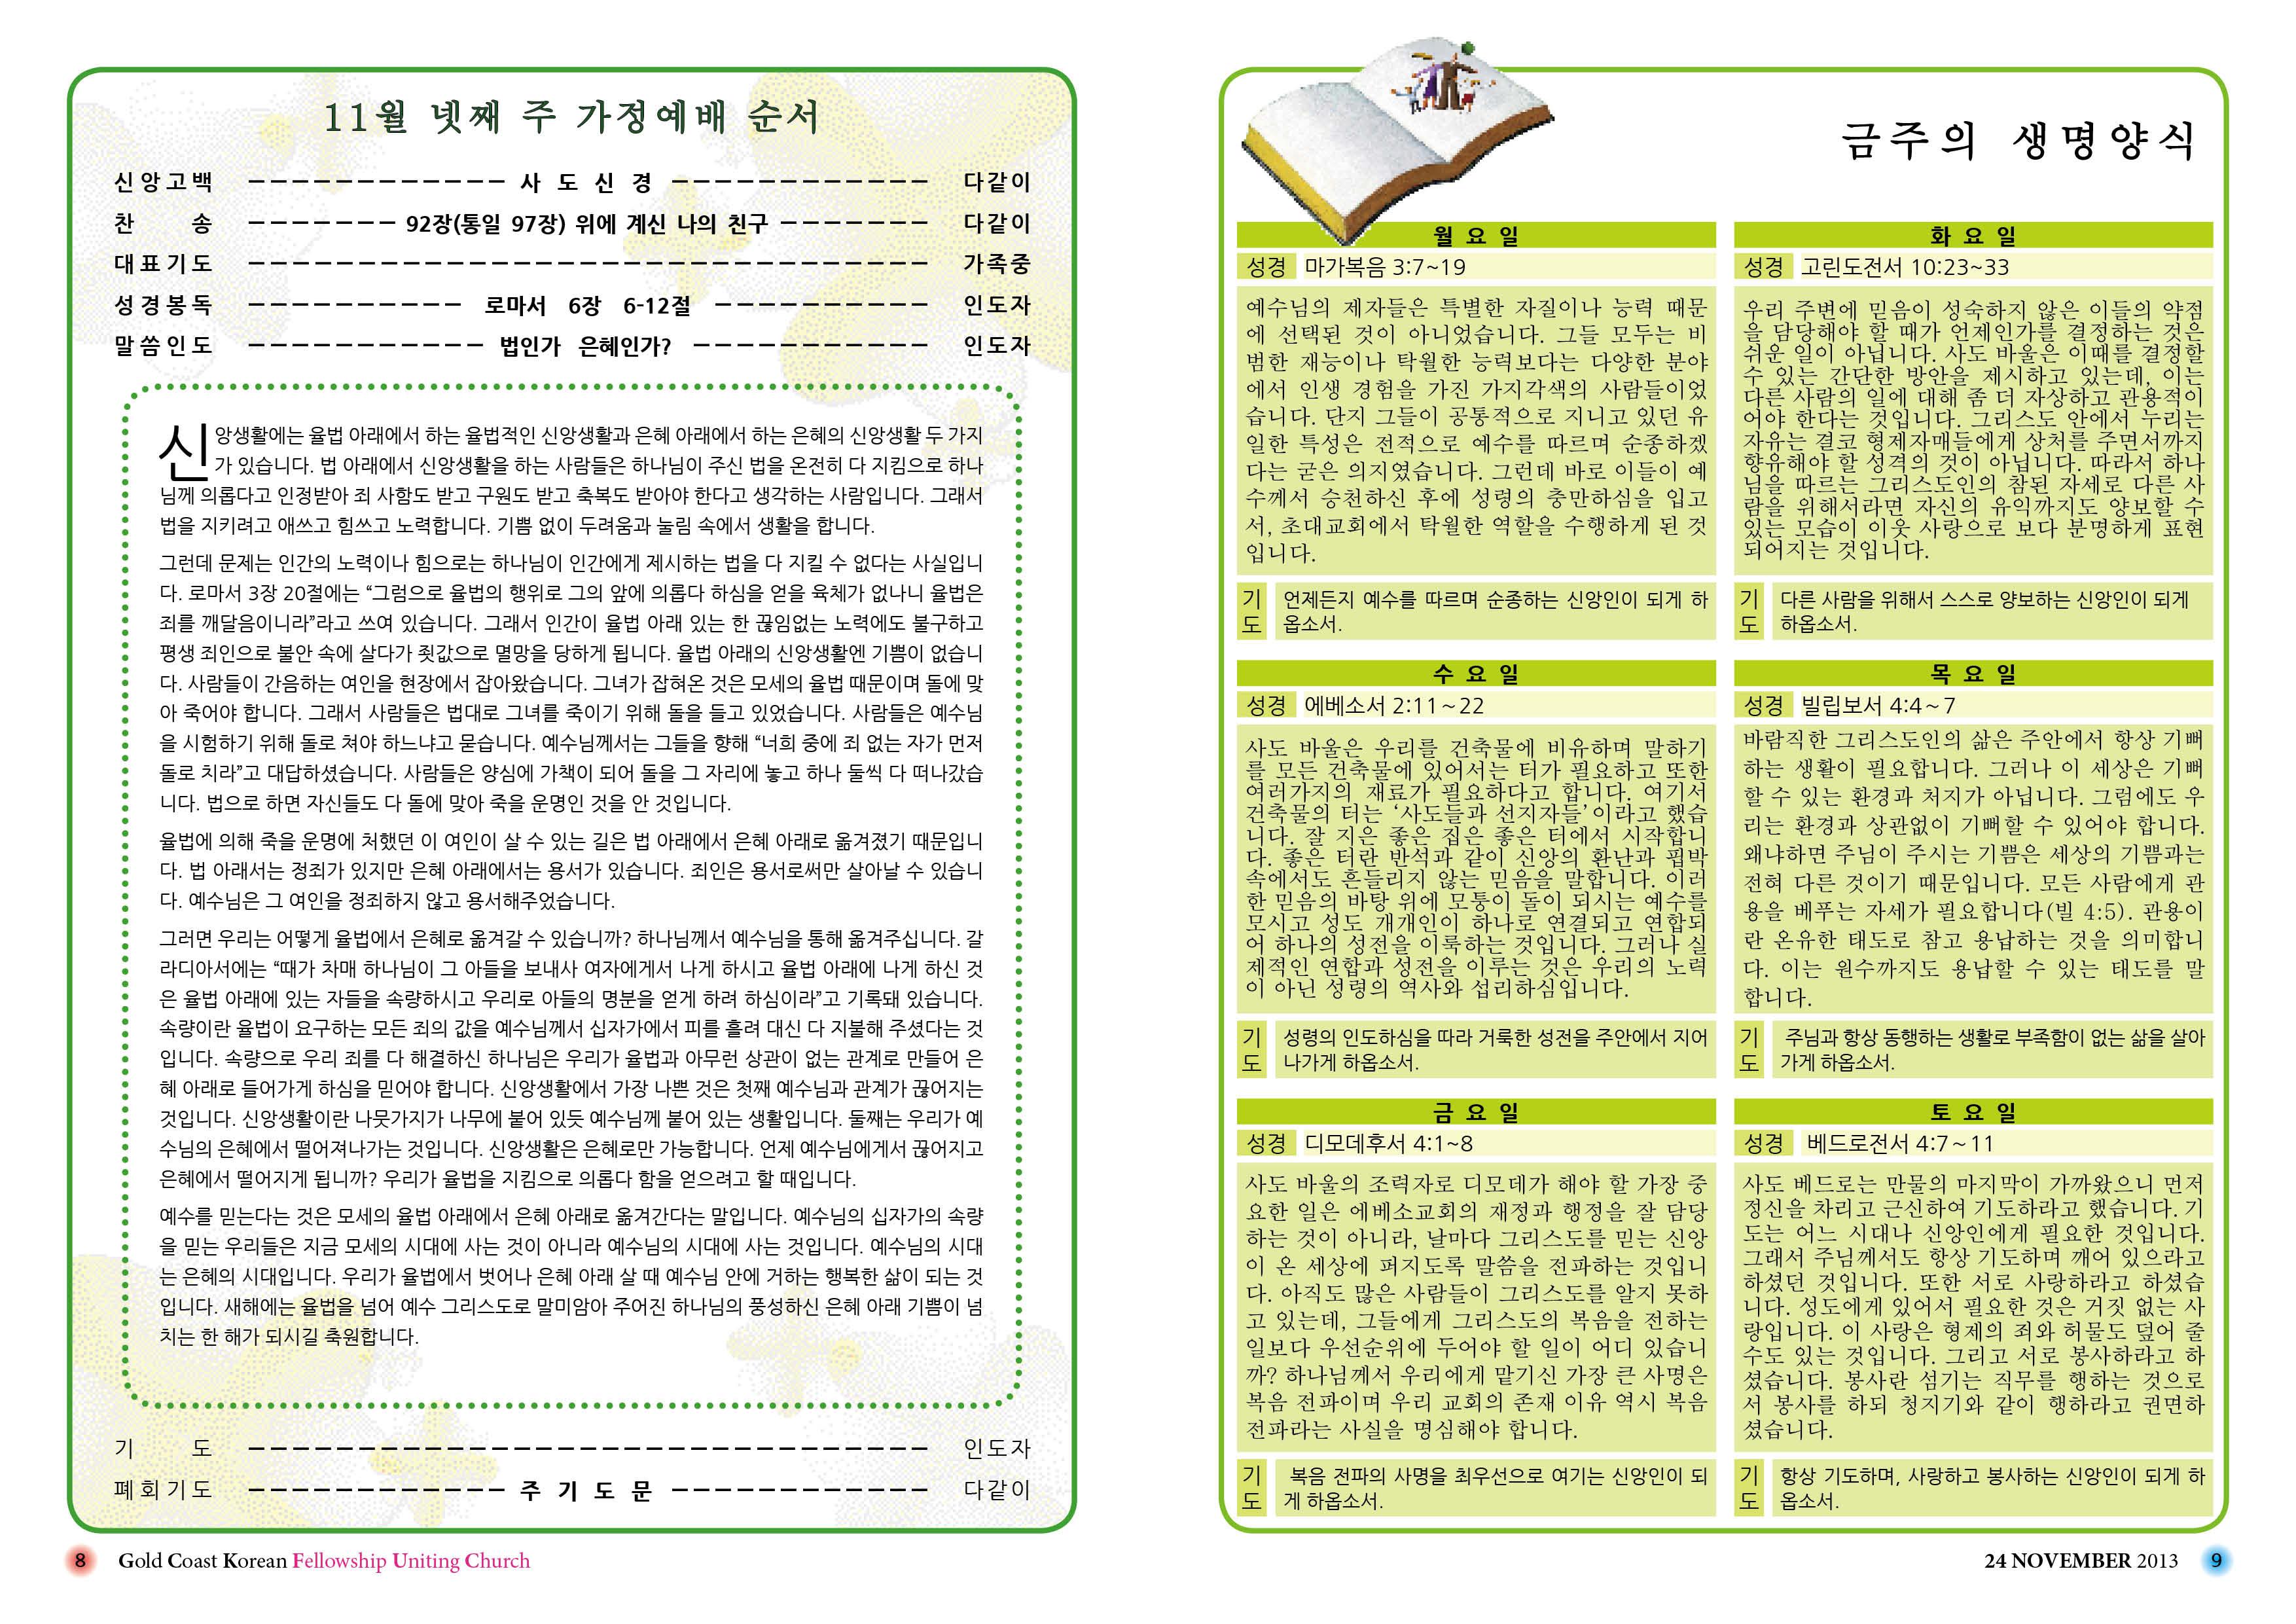 2013.11.24 주보(1차 수정)8.jpg